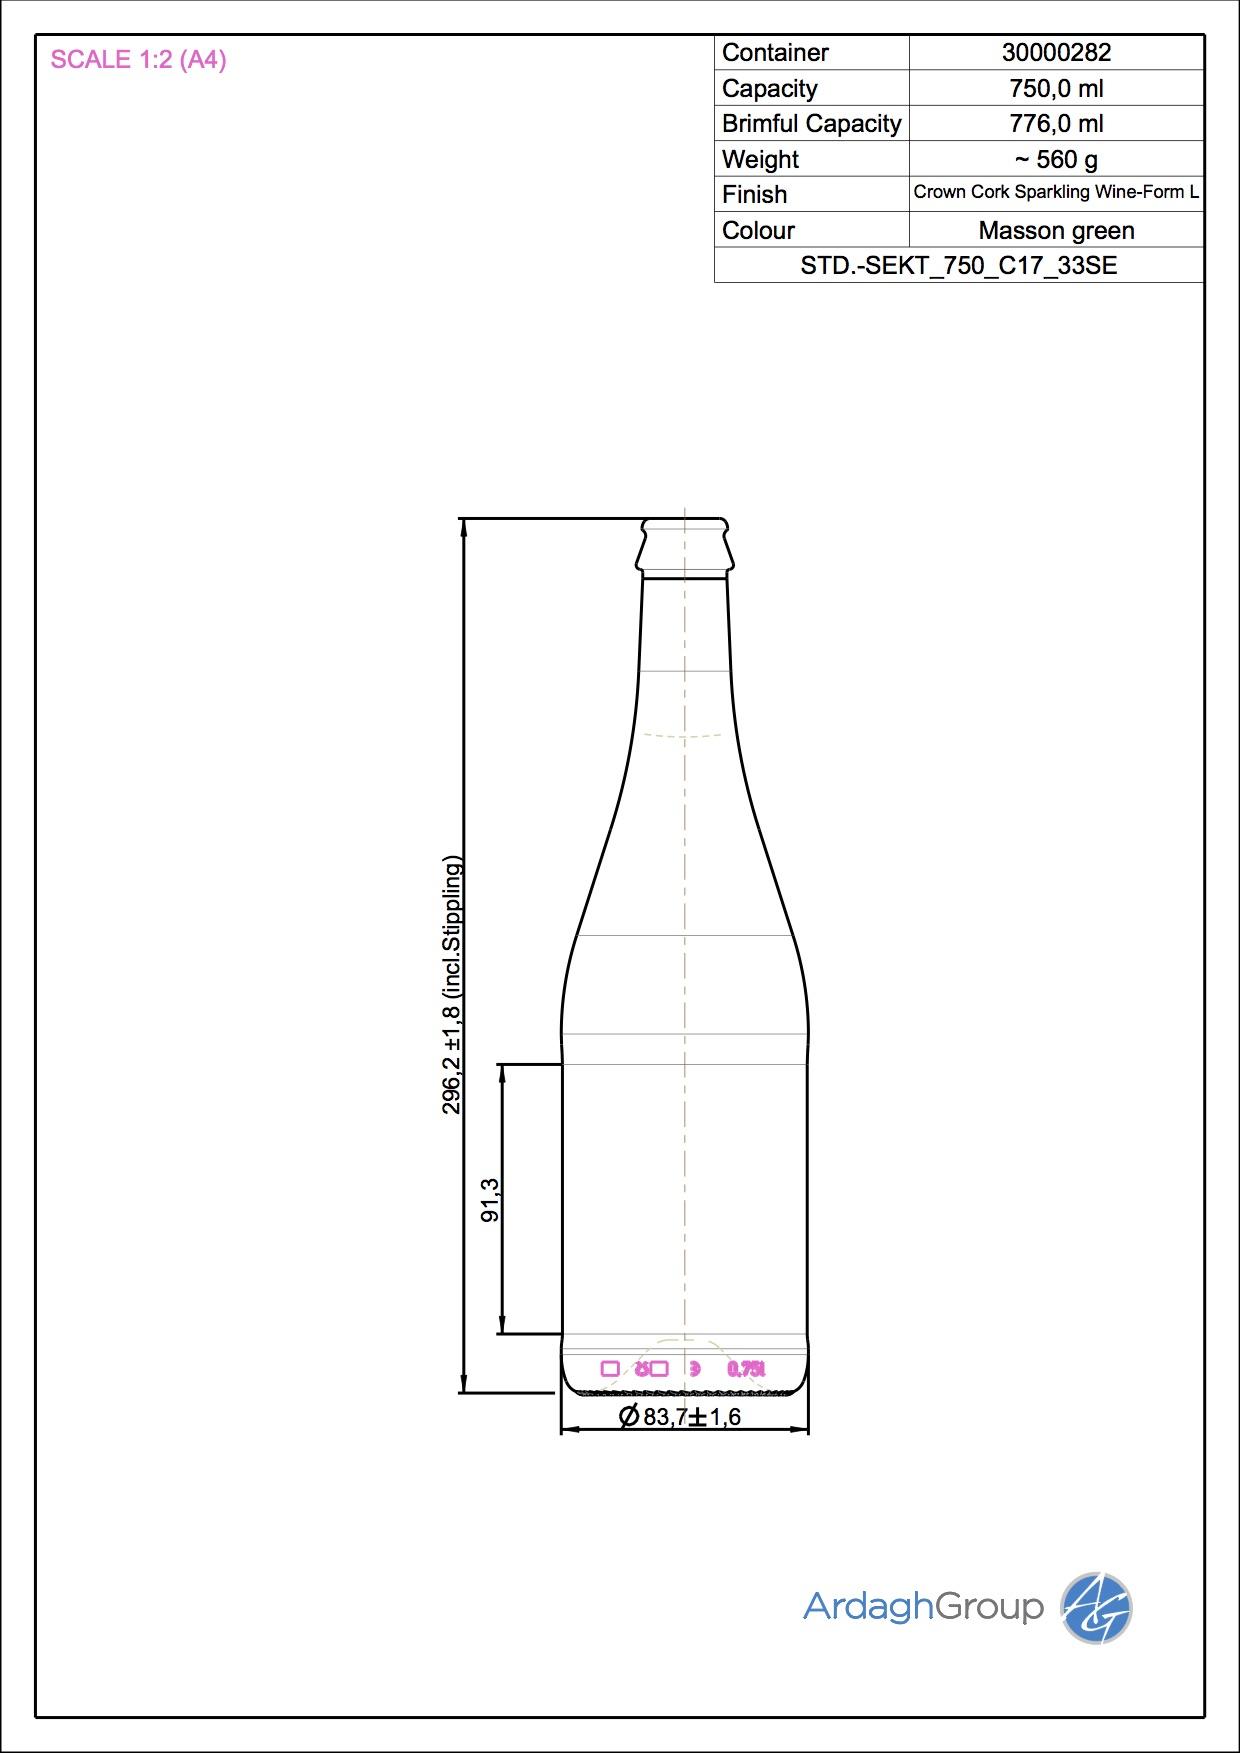 STD.-SEKT 750 C17 33SE